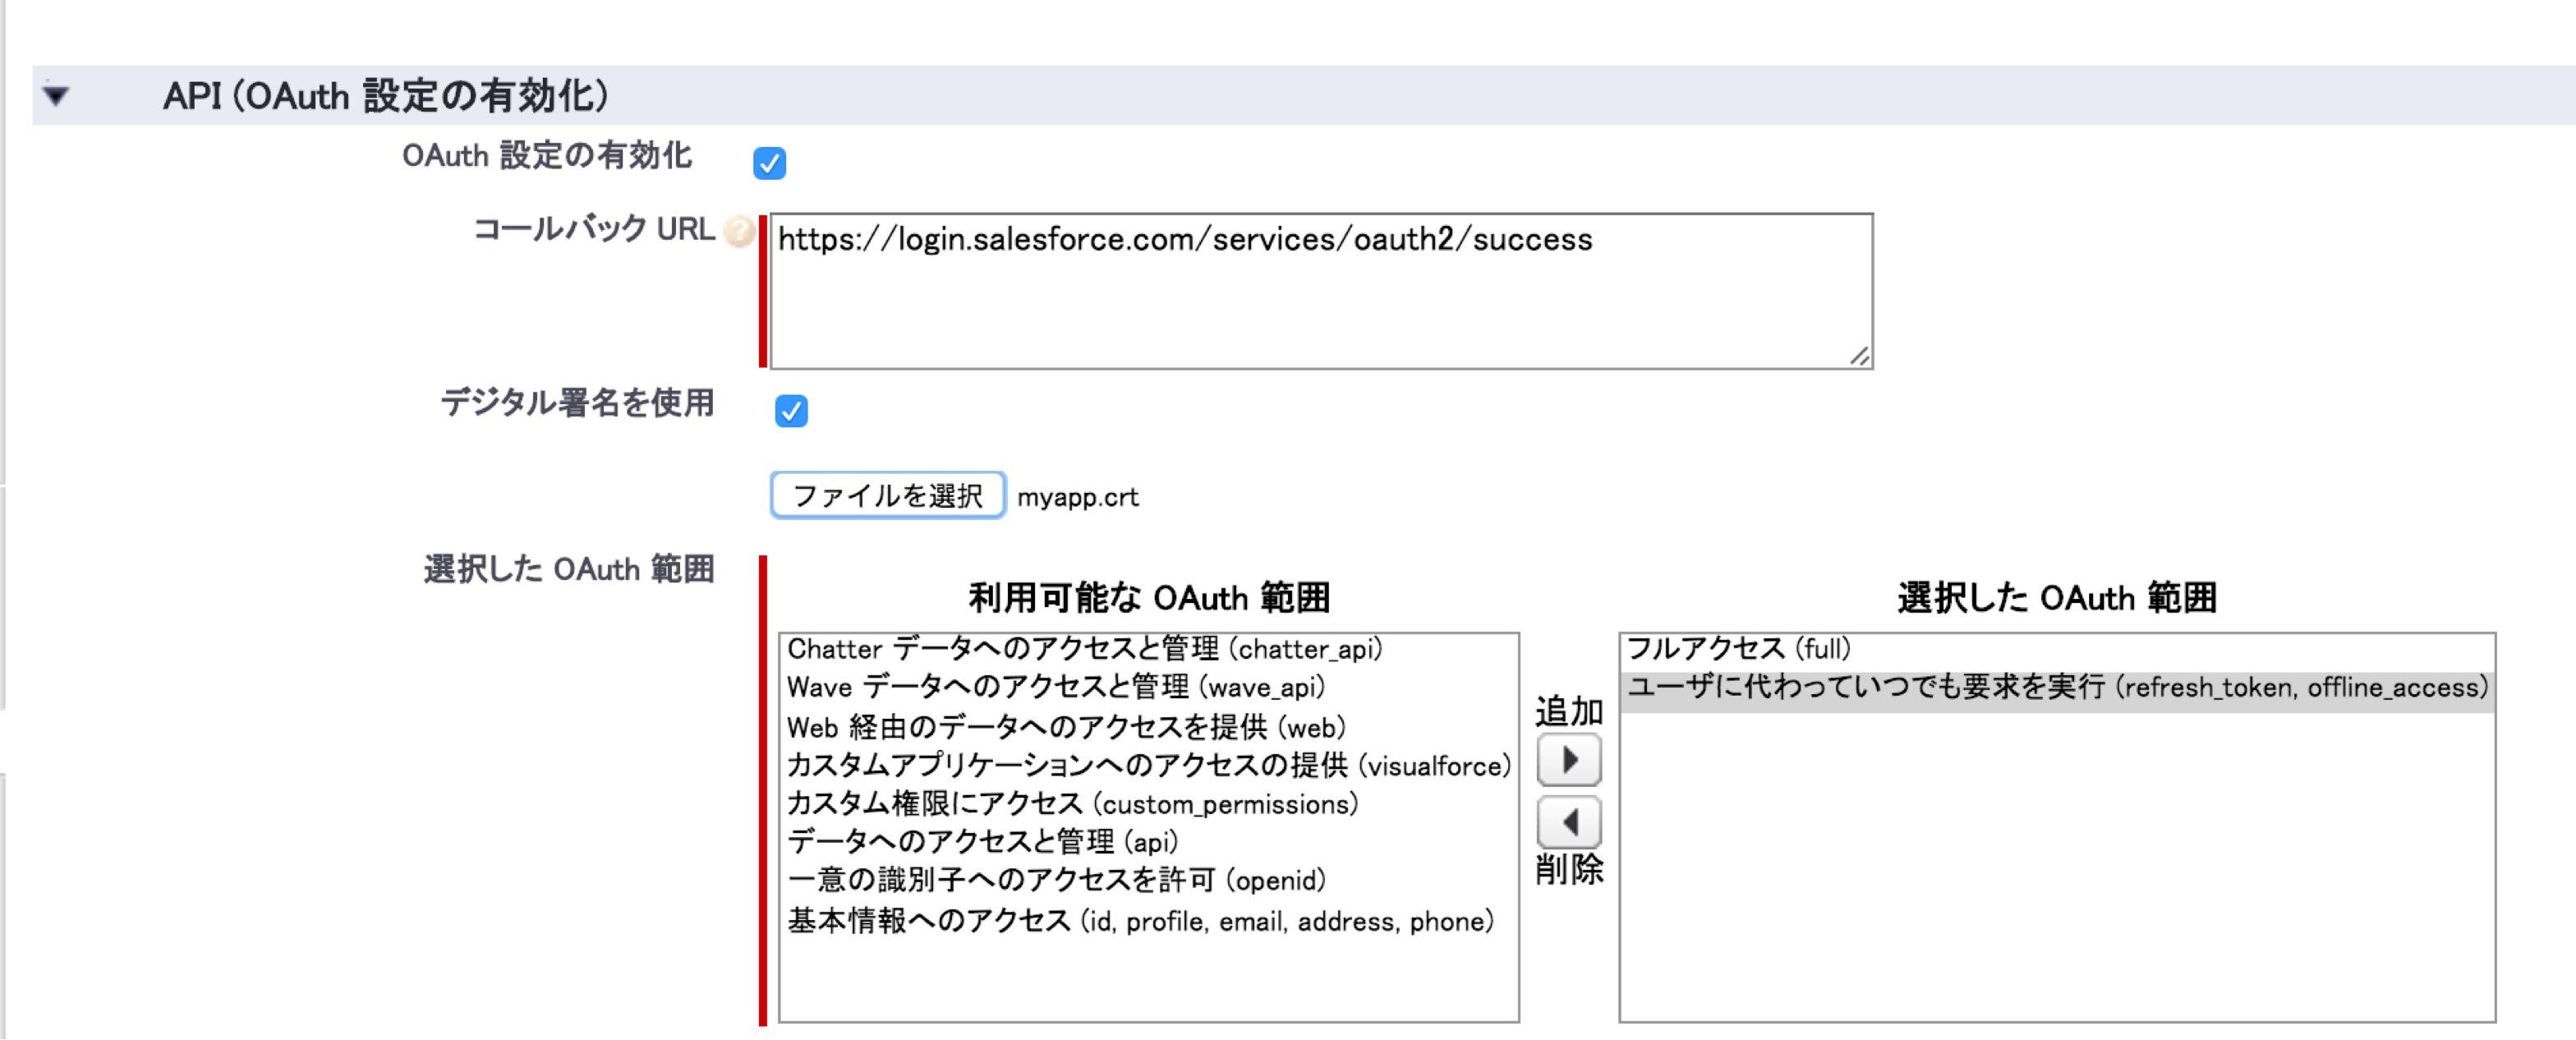 接続アプリケーション ~ Salesforce - Developer Edition.jpg